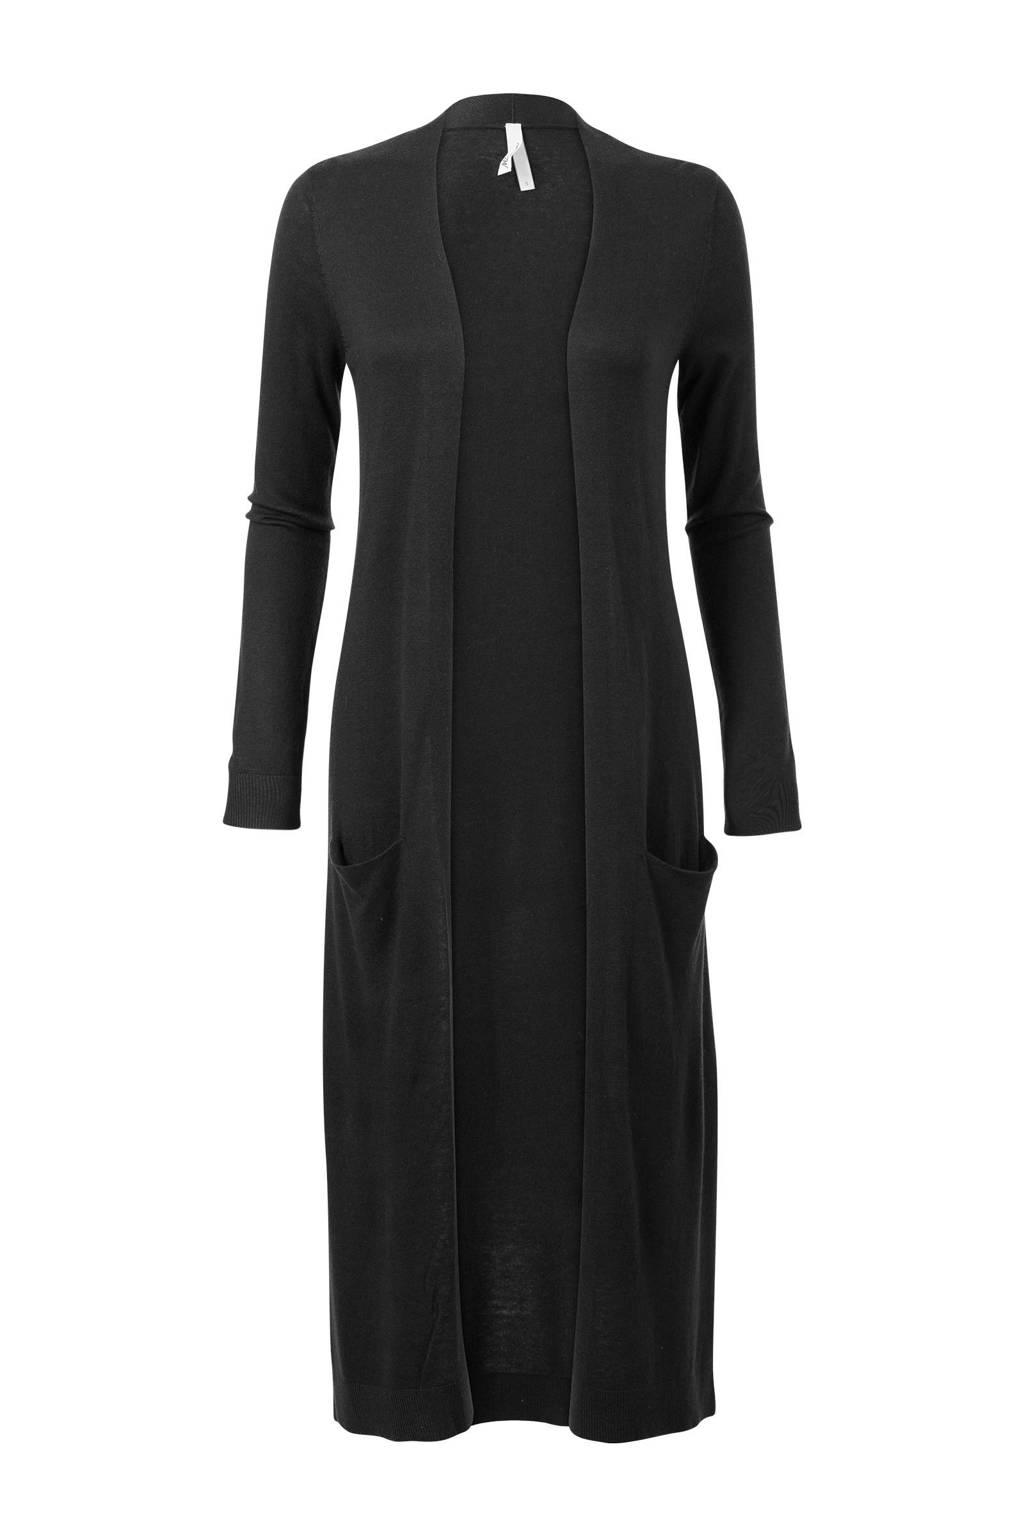 Miss Etam Regulier lang vest met cashmere zwart, Zwart